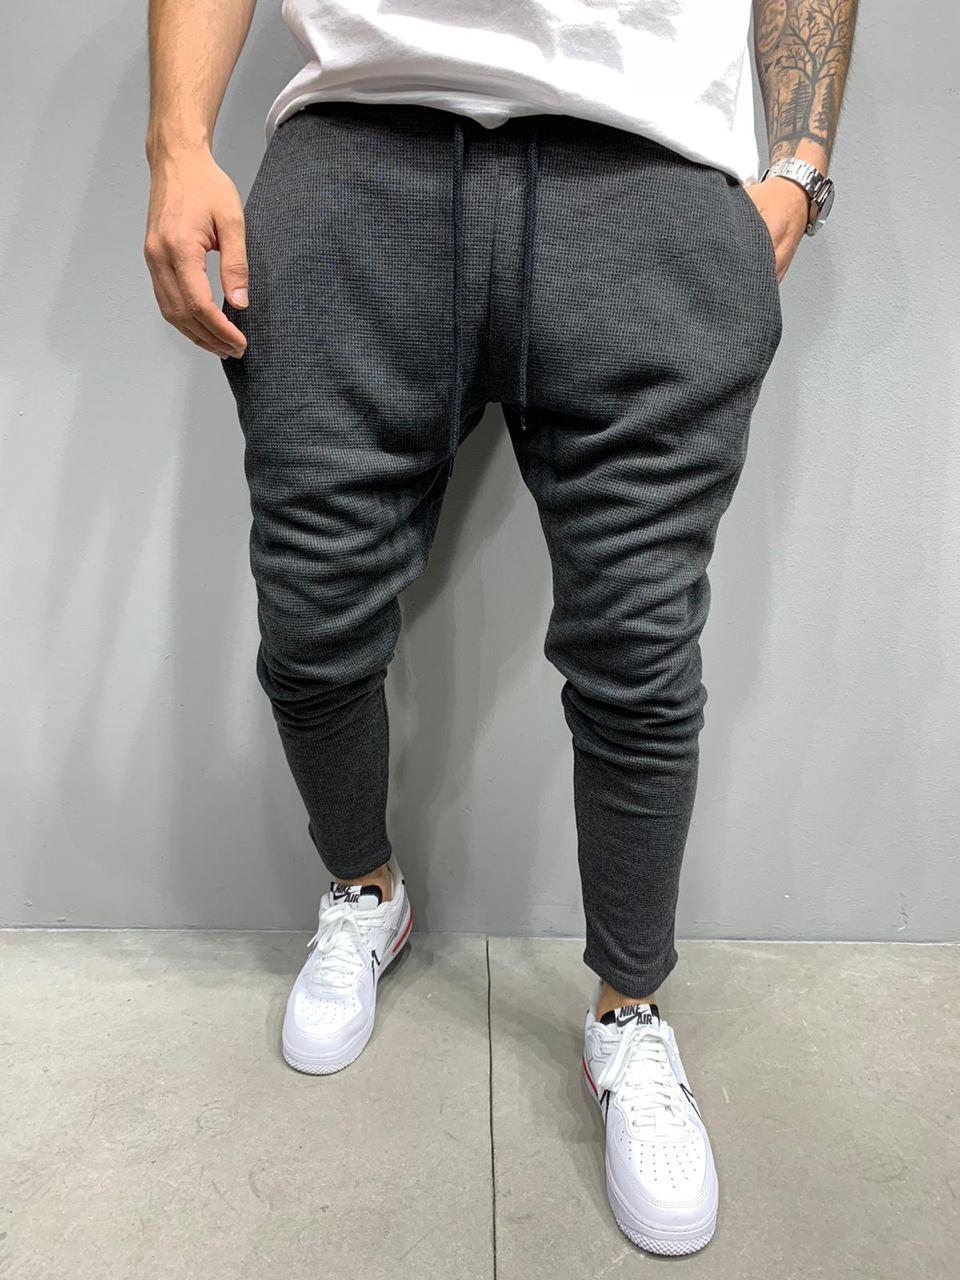 Чоловічі спортивні штани штани з цупкого матеріалу, сірі стильні укорочені Туреччина